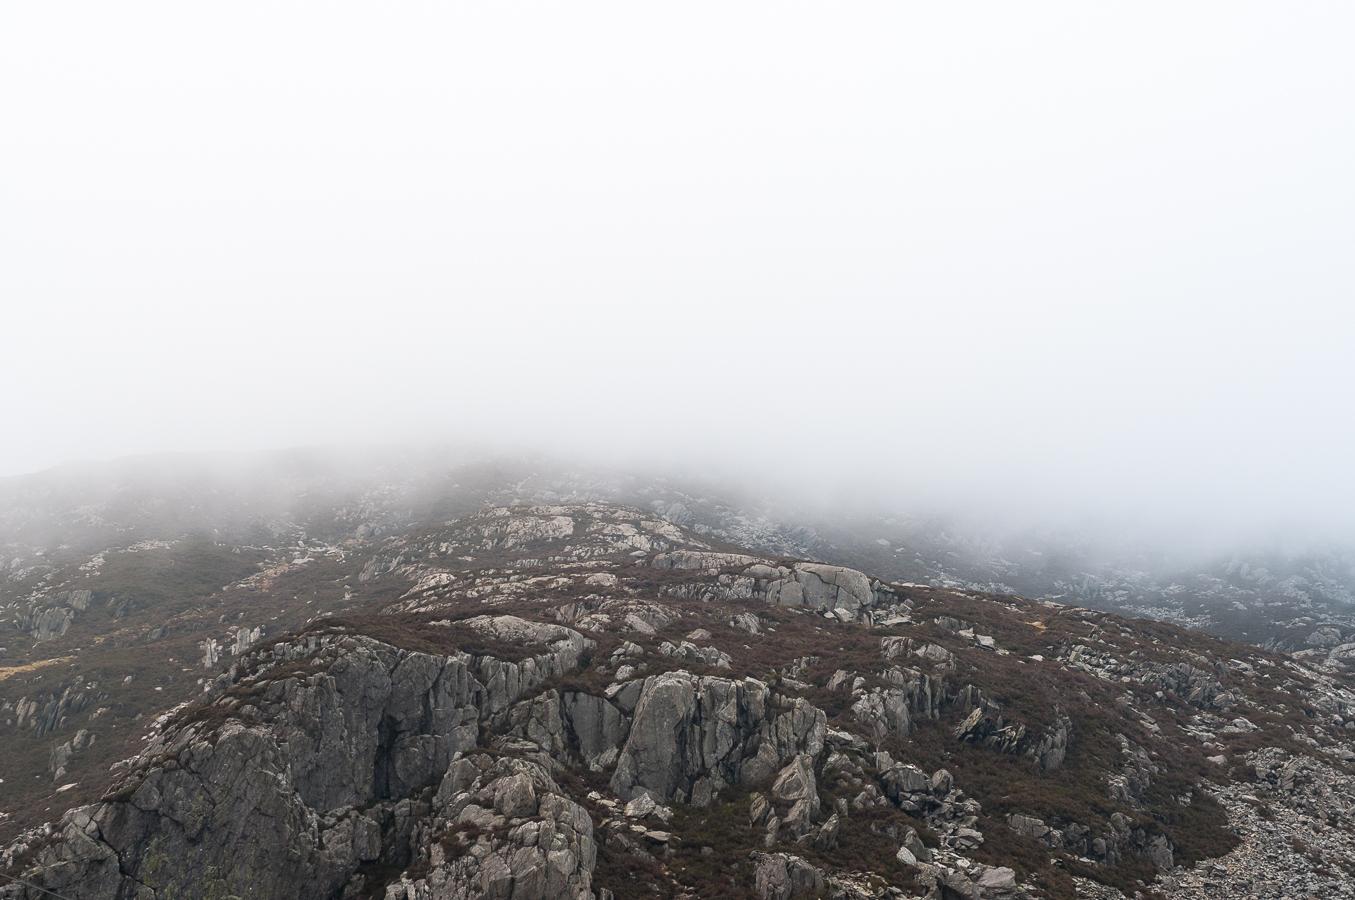 snowdonia-rock-face-mist.jpg